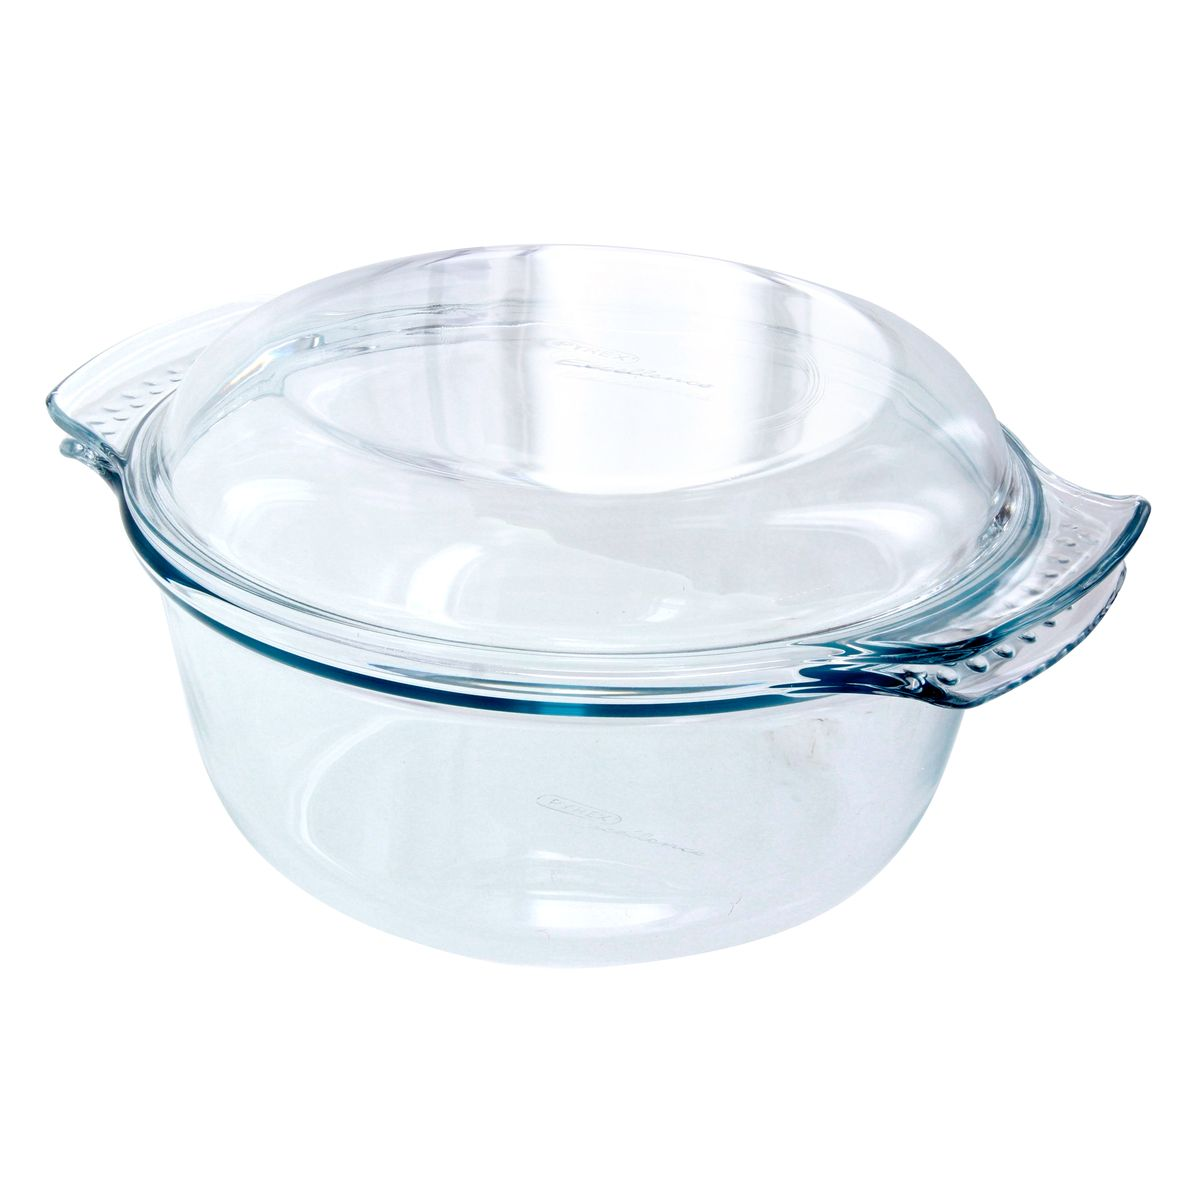 Cocotte ronde  3.5L - Pyrex